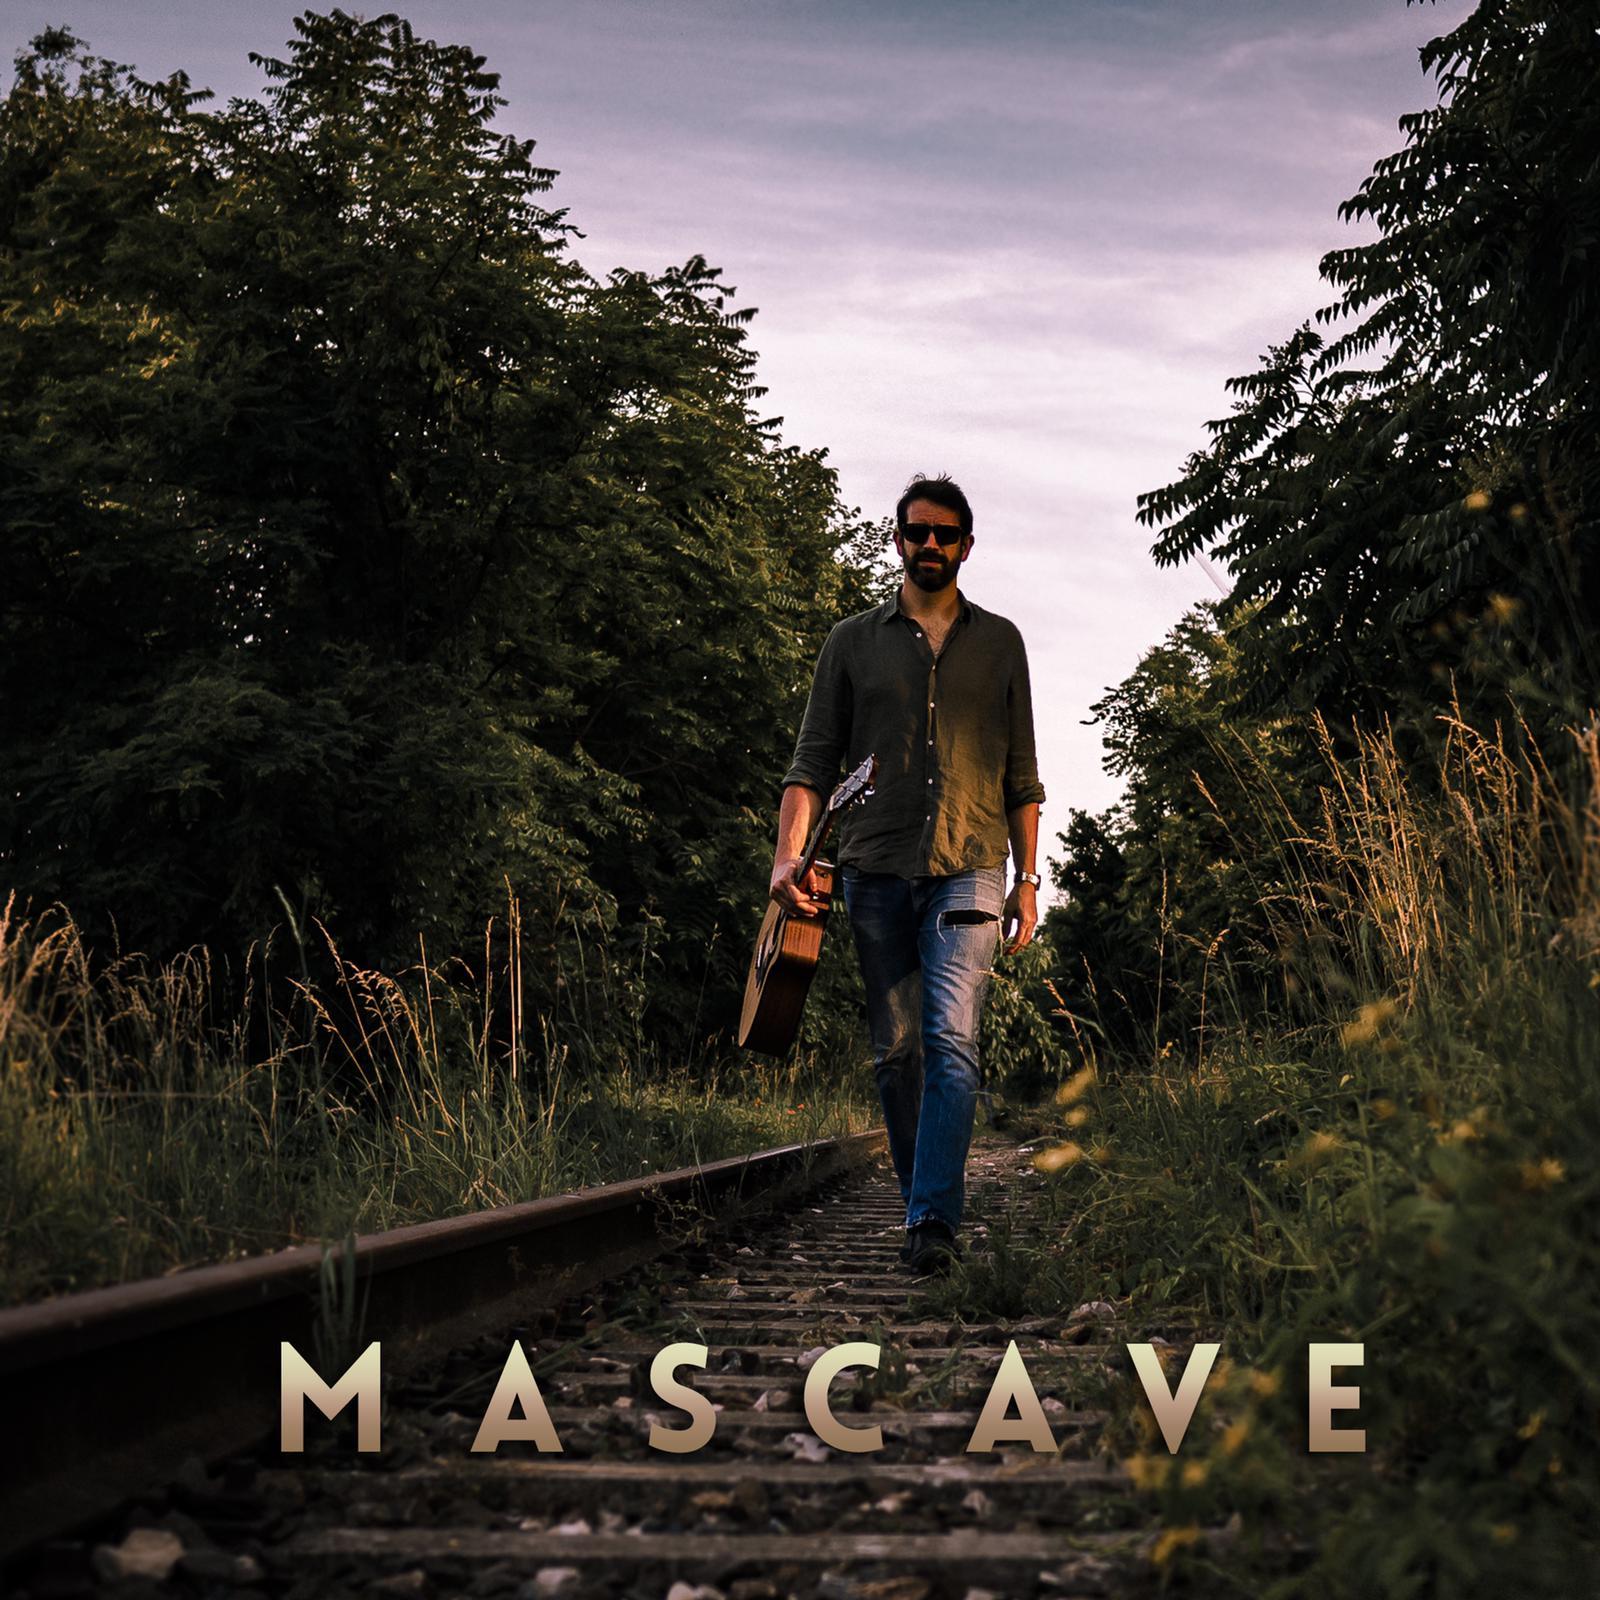 Mascave